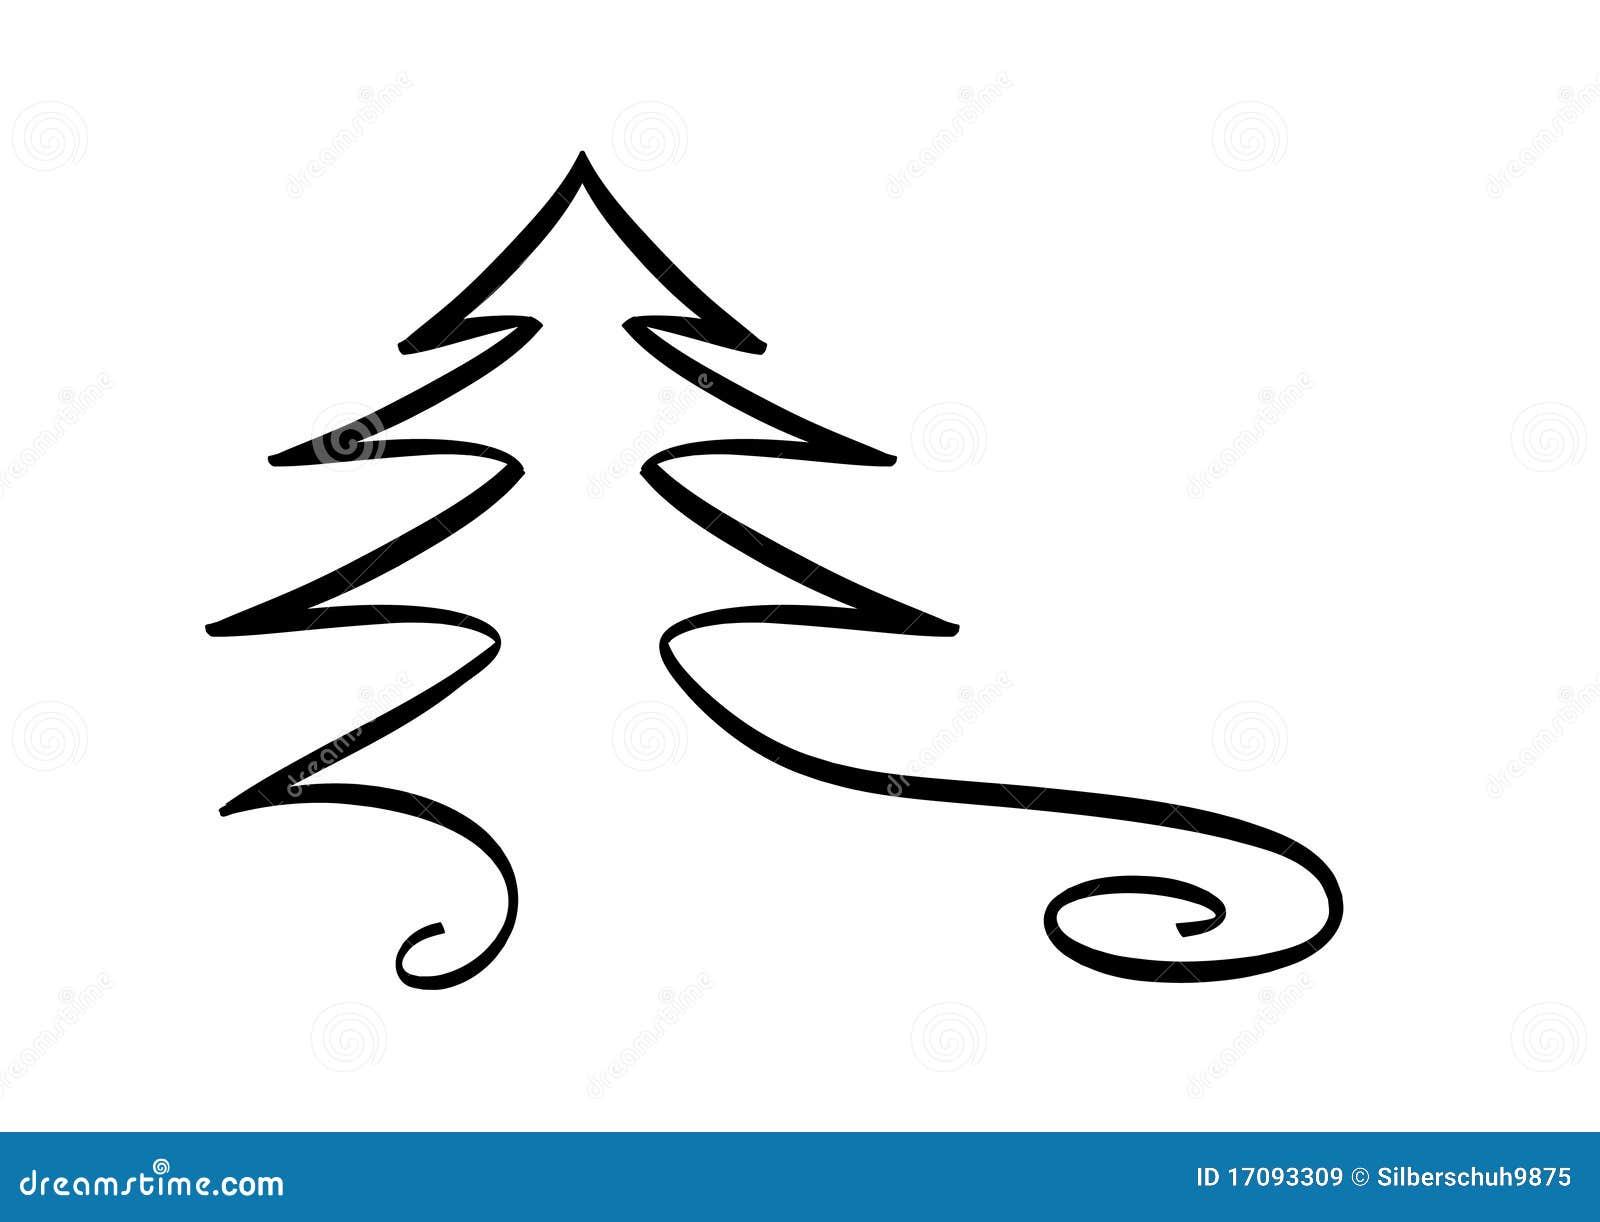 christmas tree design element stock illustration image. Black Bedroom Furniture Sets. Home Design Ideas